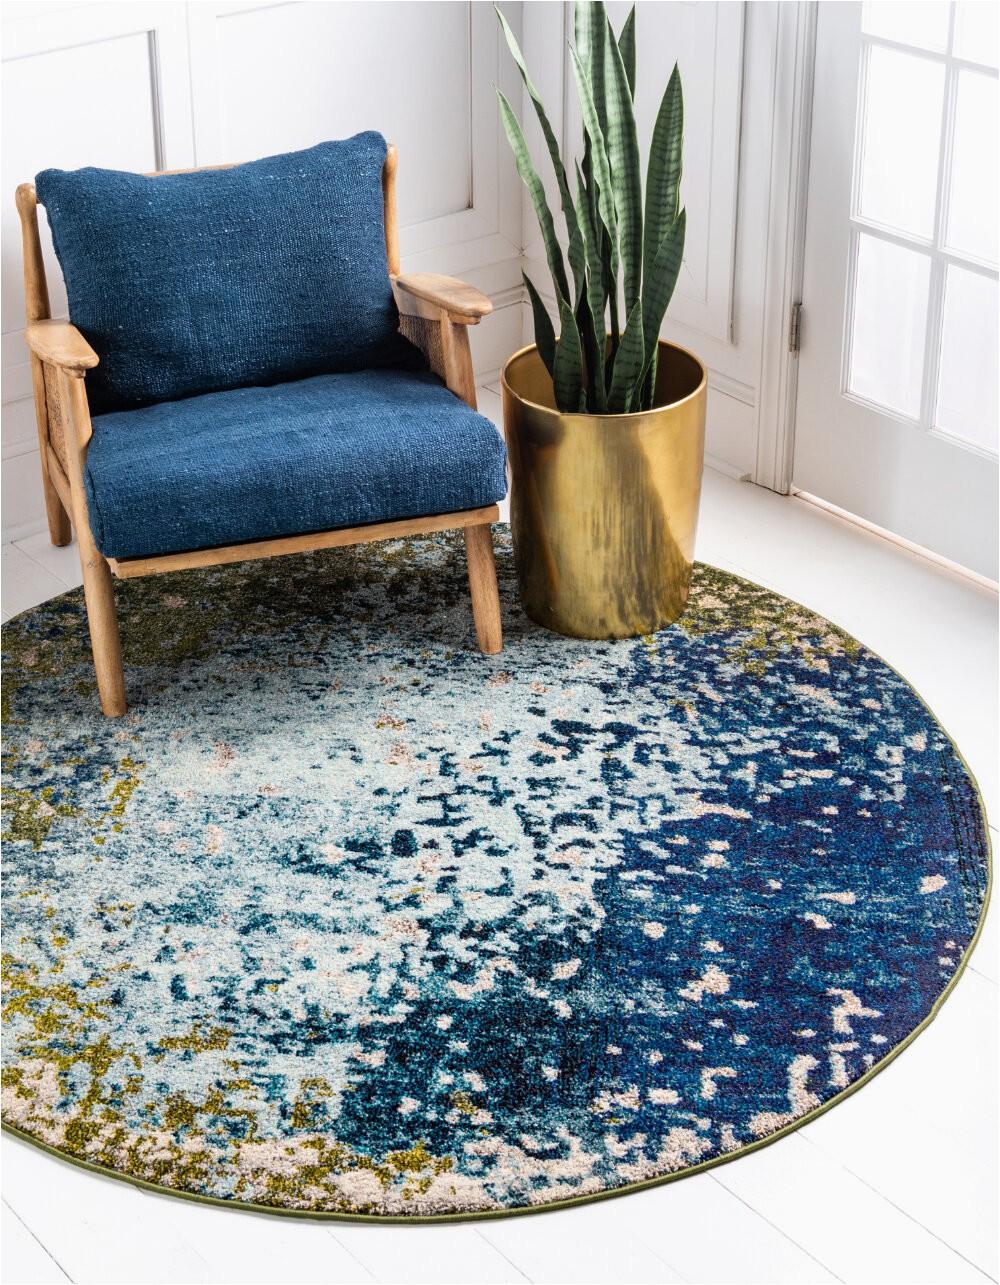 hayes bluegreen area rug wldm6861 piid=